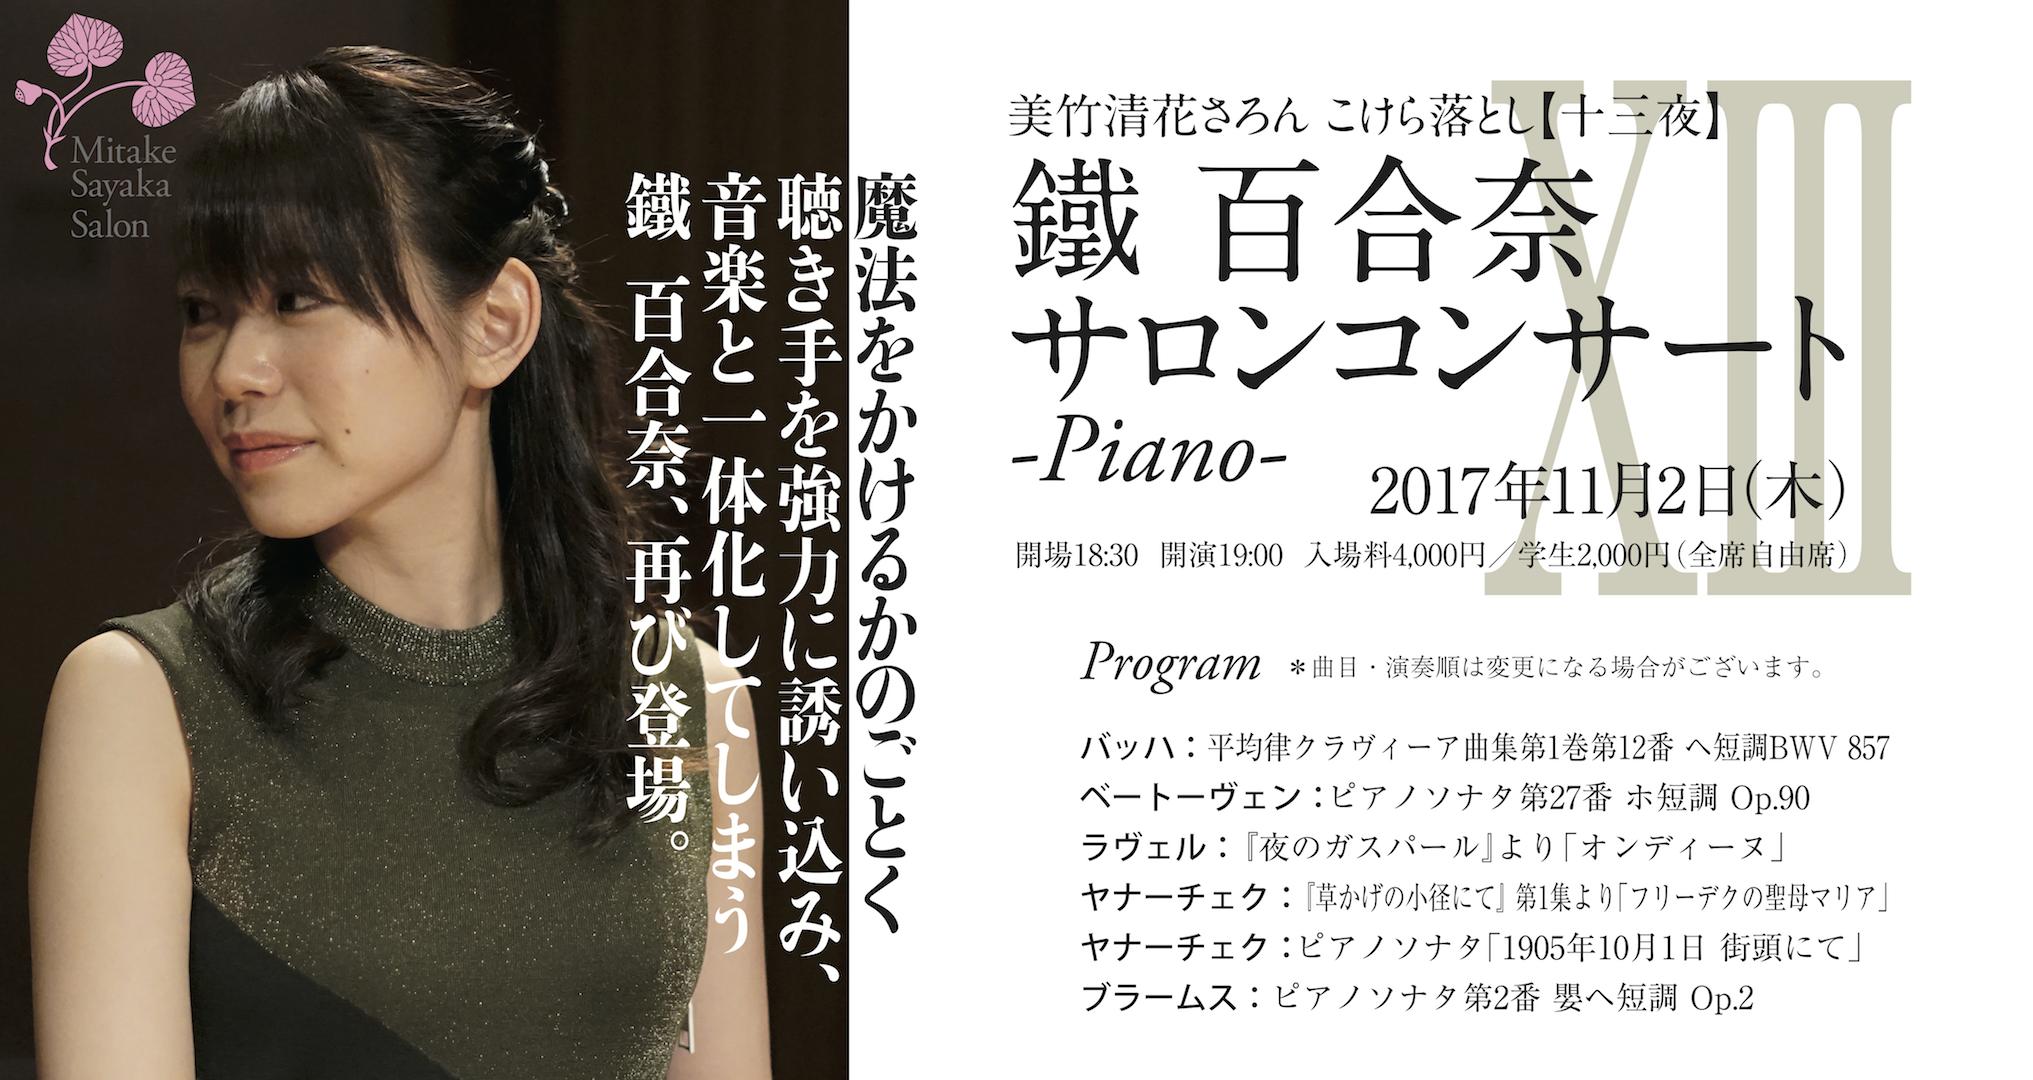 【第十三日】鐵百合奈サロンコンサート-Piano-